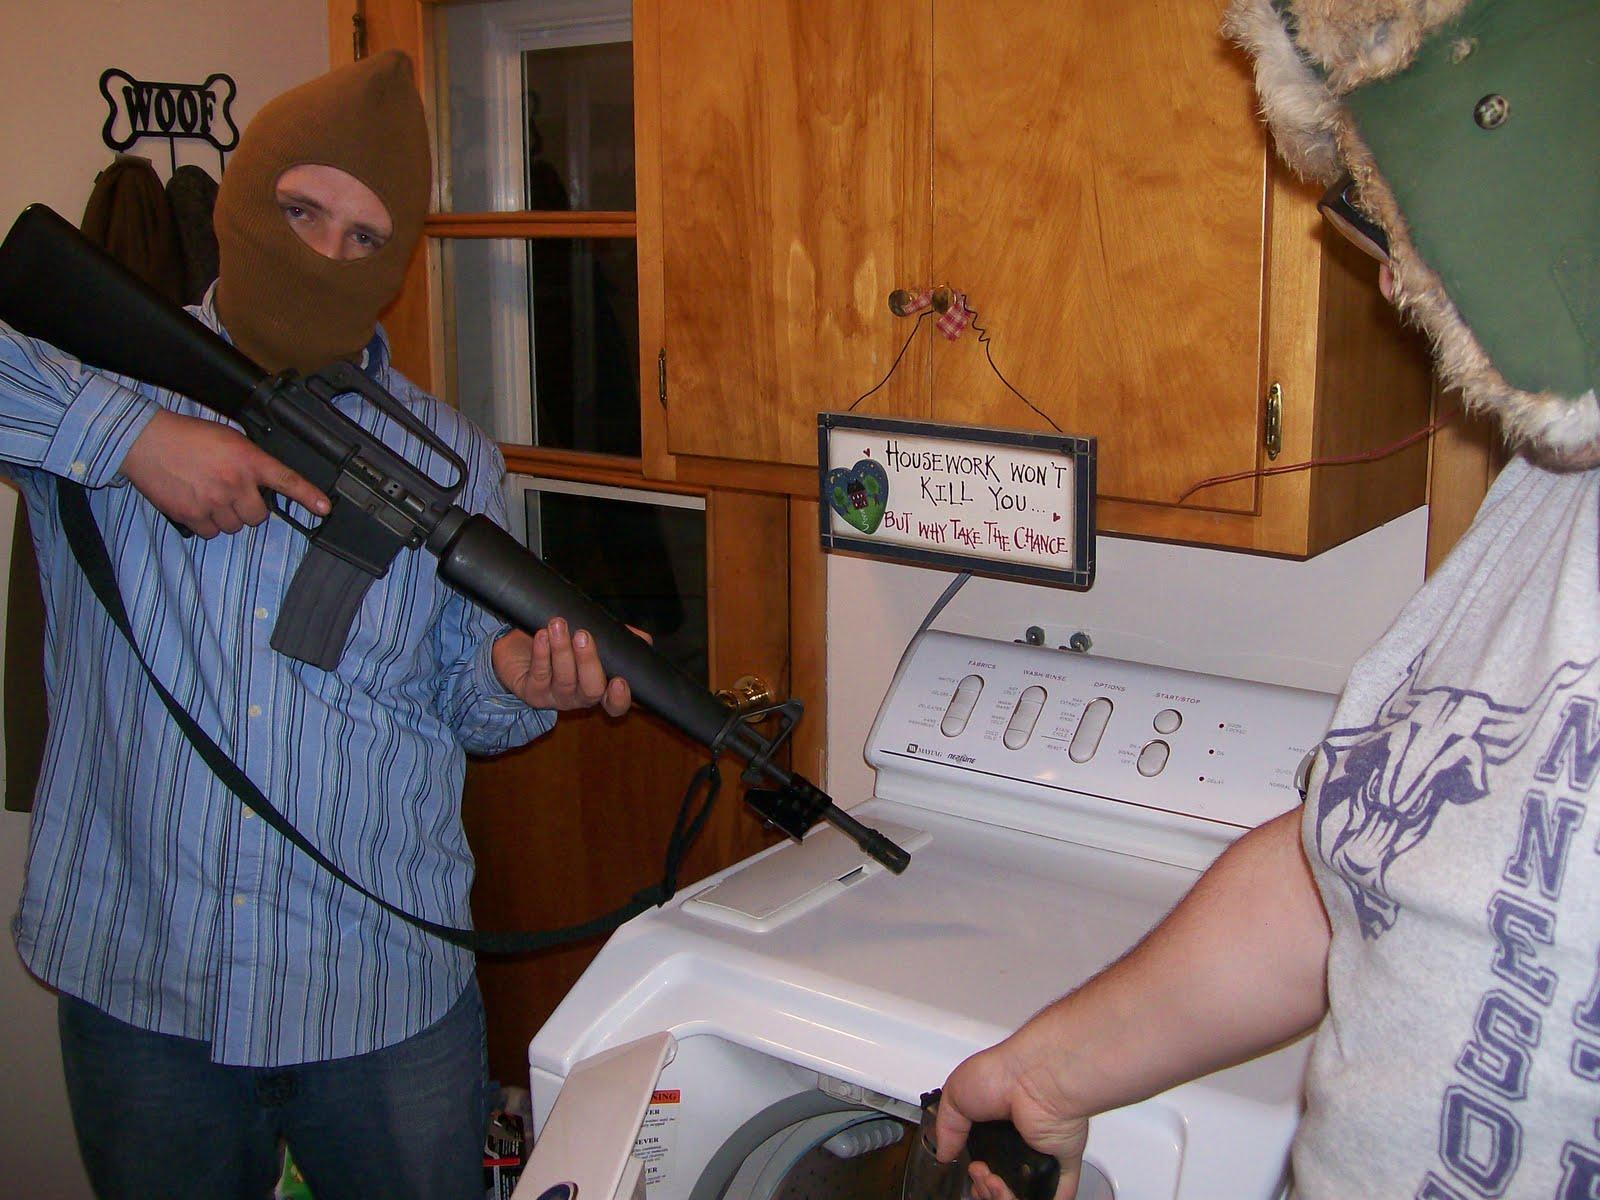 http://4.bp.blogspot.com/_HiZ2FHE12Yg/TNa9D2HUL7I/AAAAAAAAANE/p0gYs1H6OM0/s1600/Neptune+-+guerrilla27.JPG